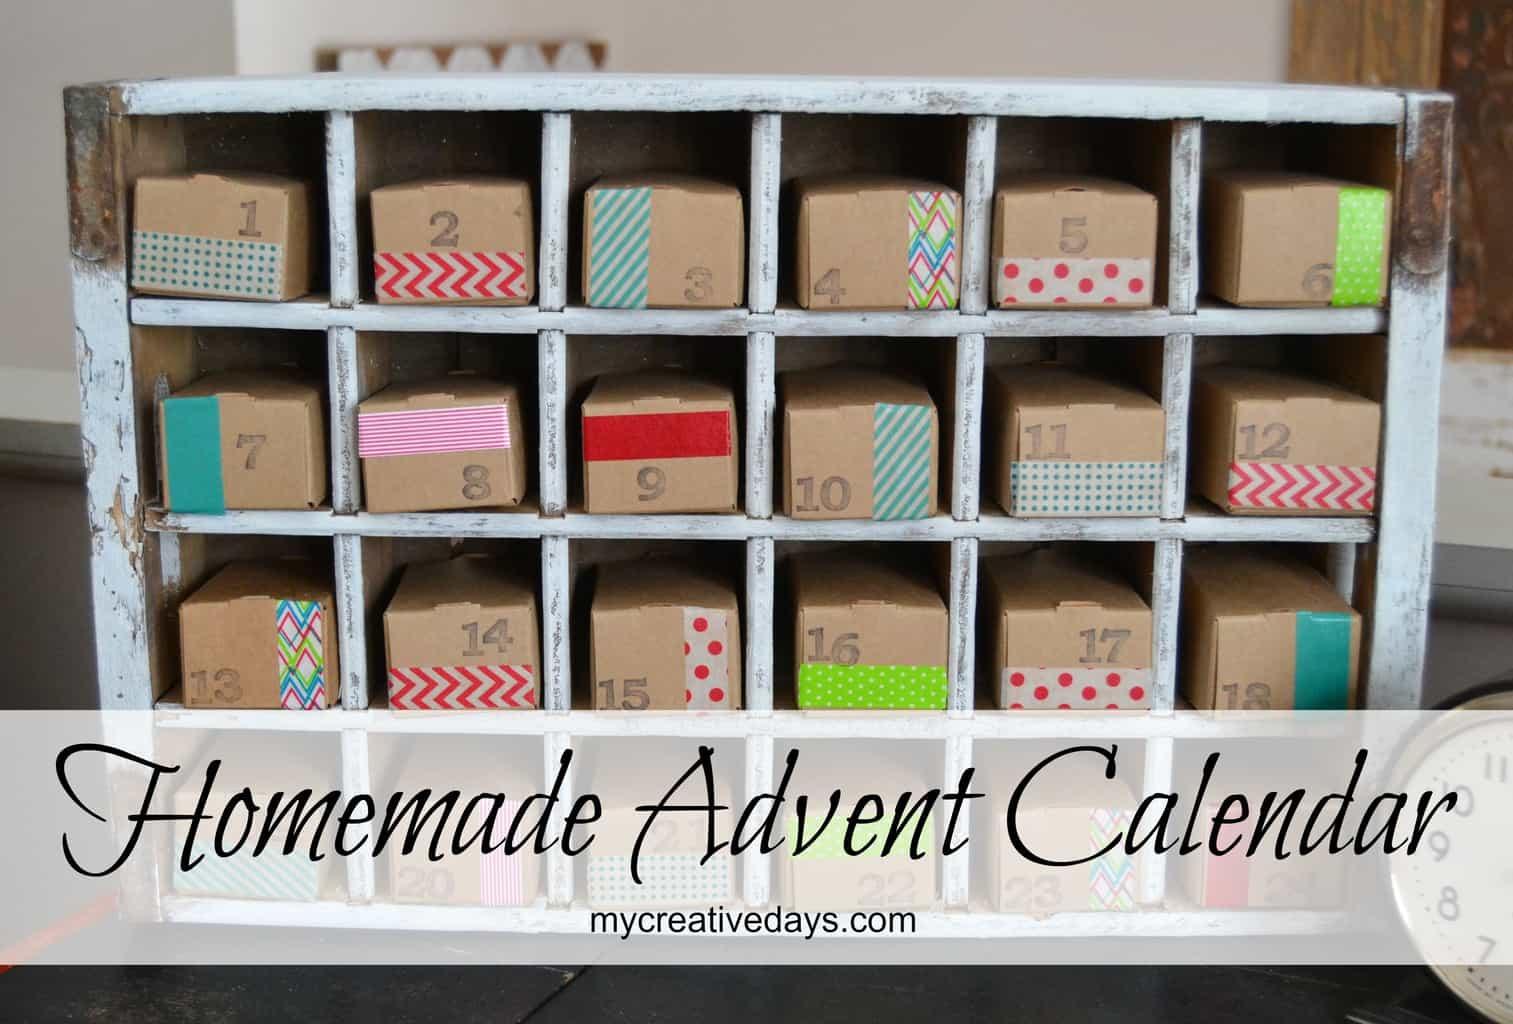 Homemade Calendars : Homemade advent calendar mycreativedays